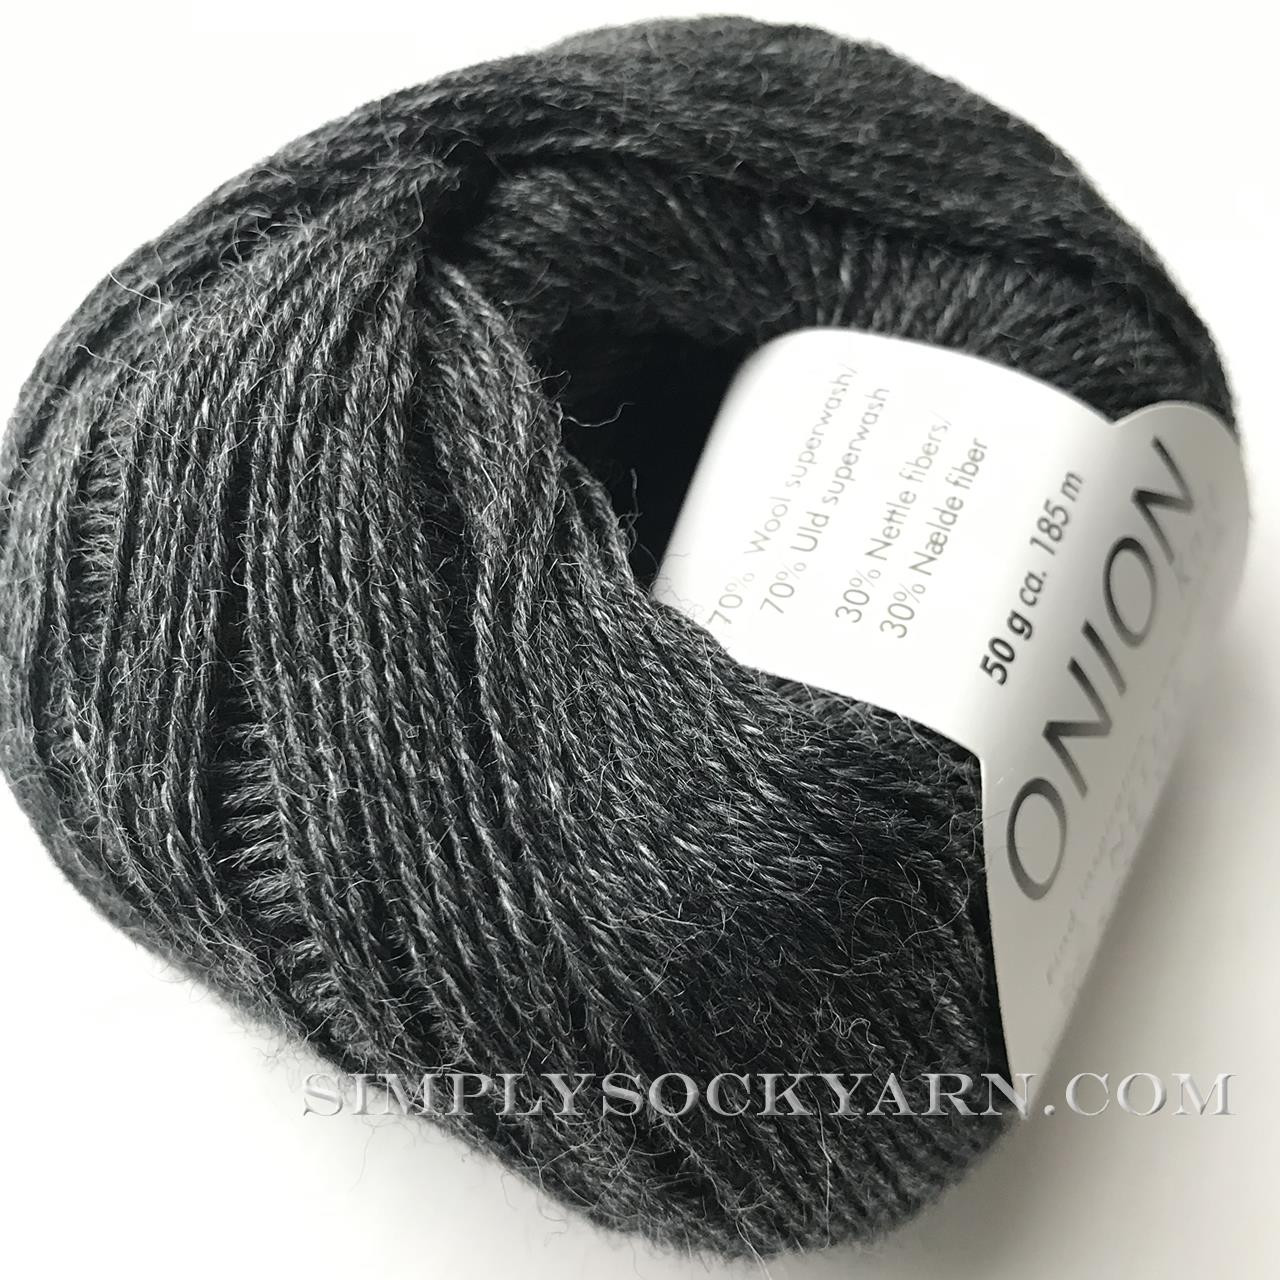 OY Nettle Sock 1002 Charcoal -